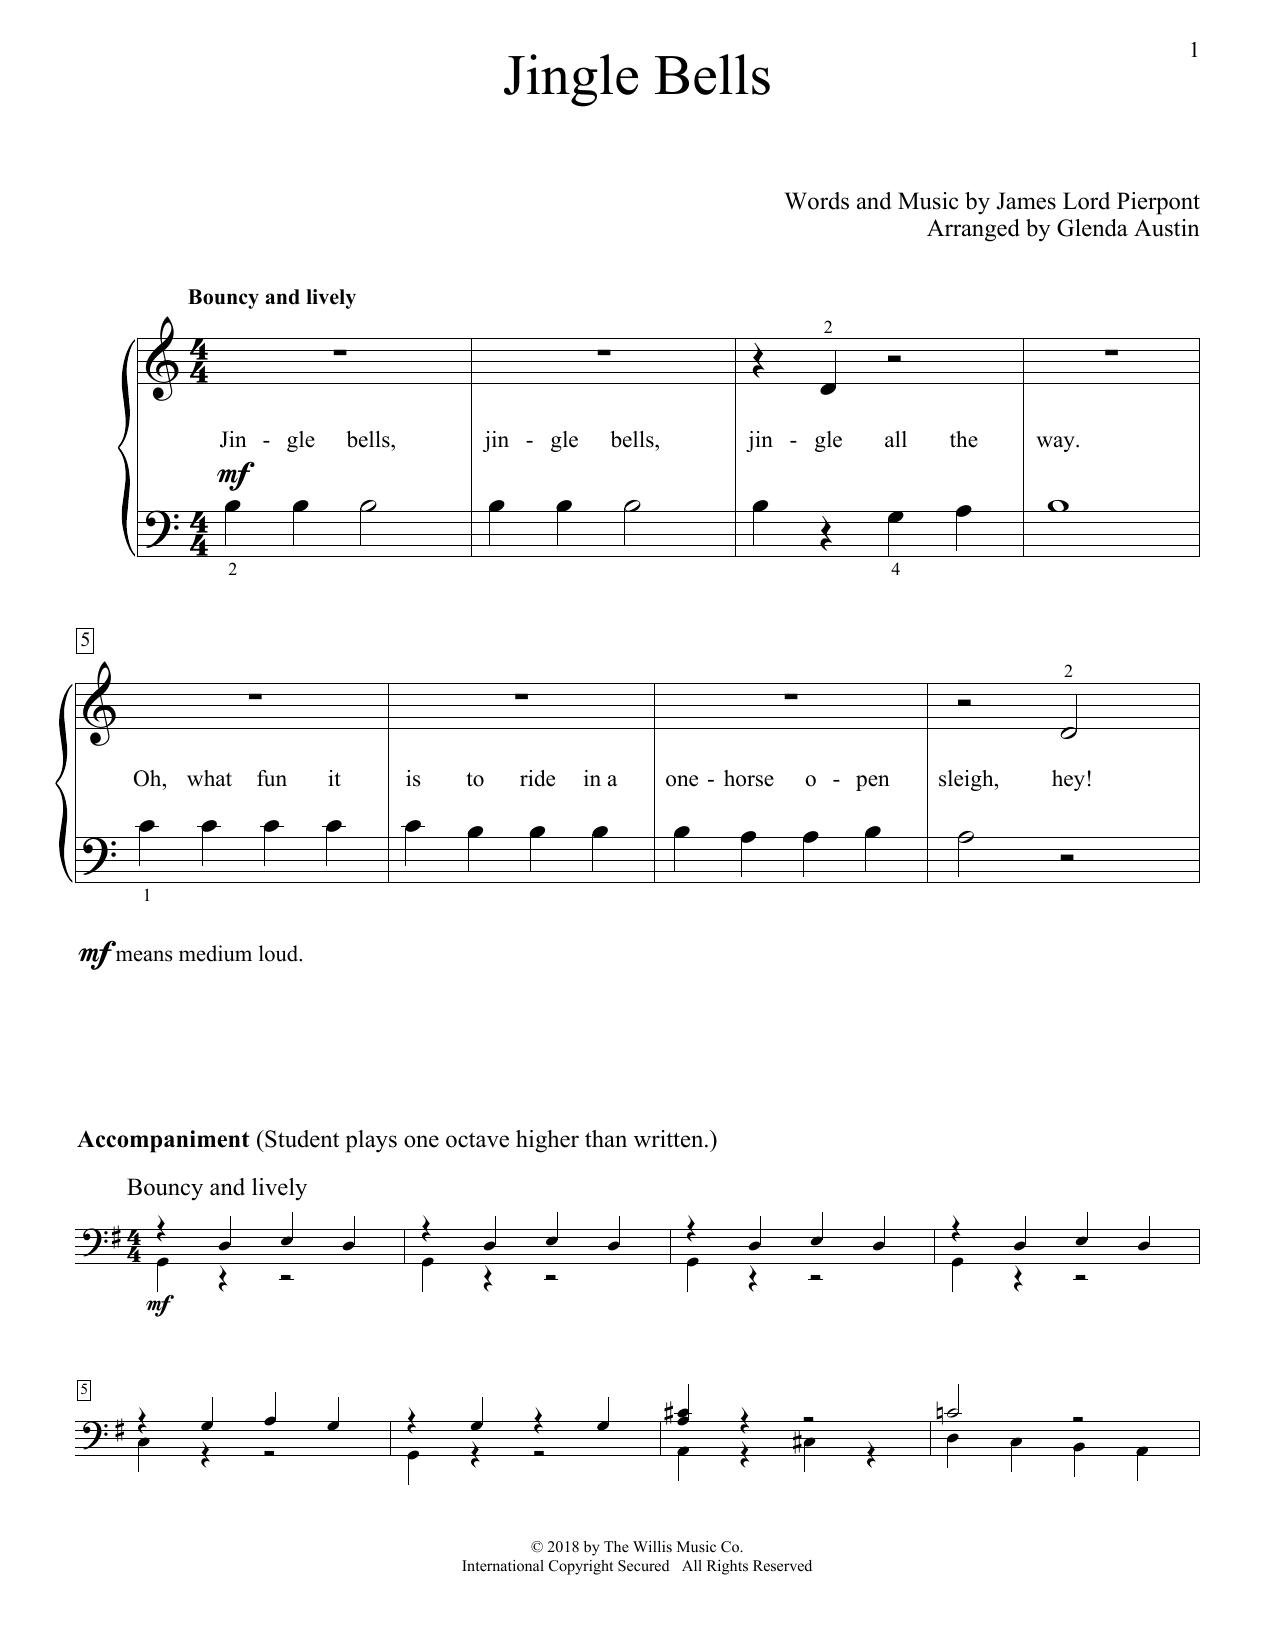 Jingle Bells (Educational Piano)